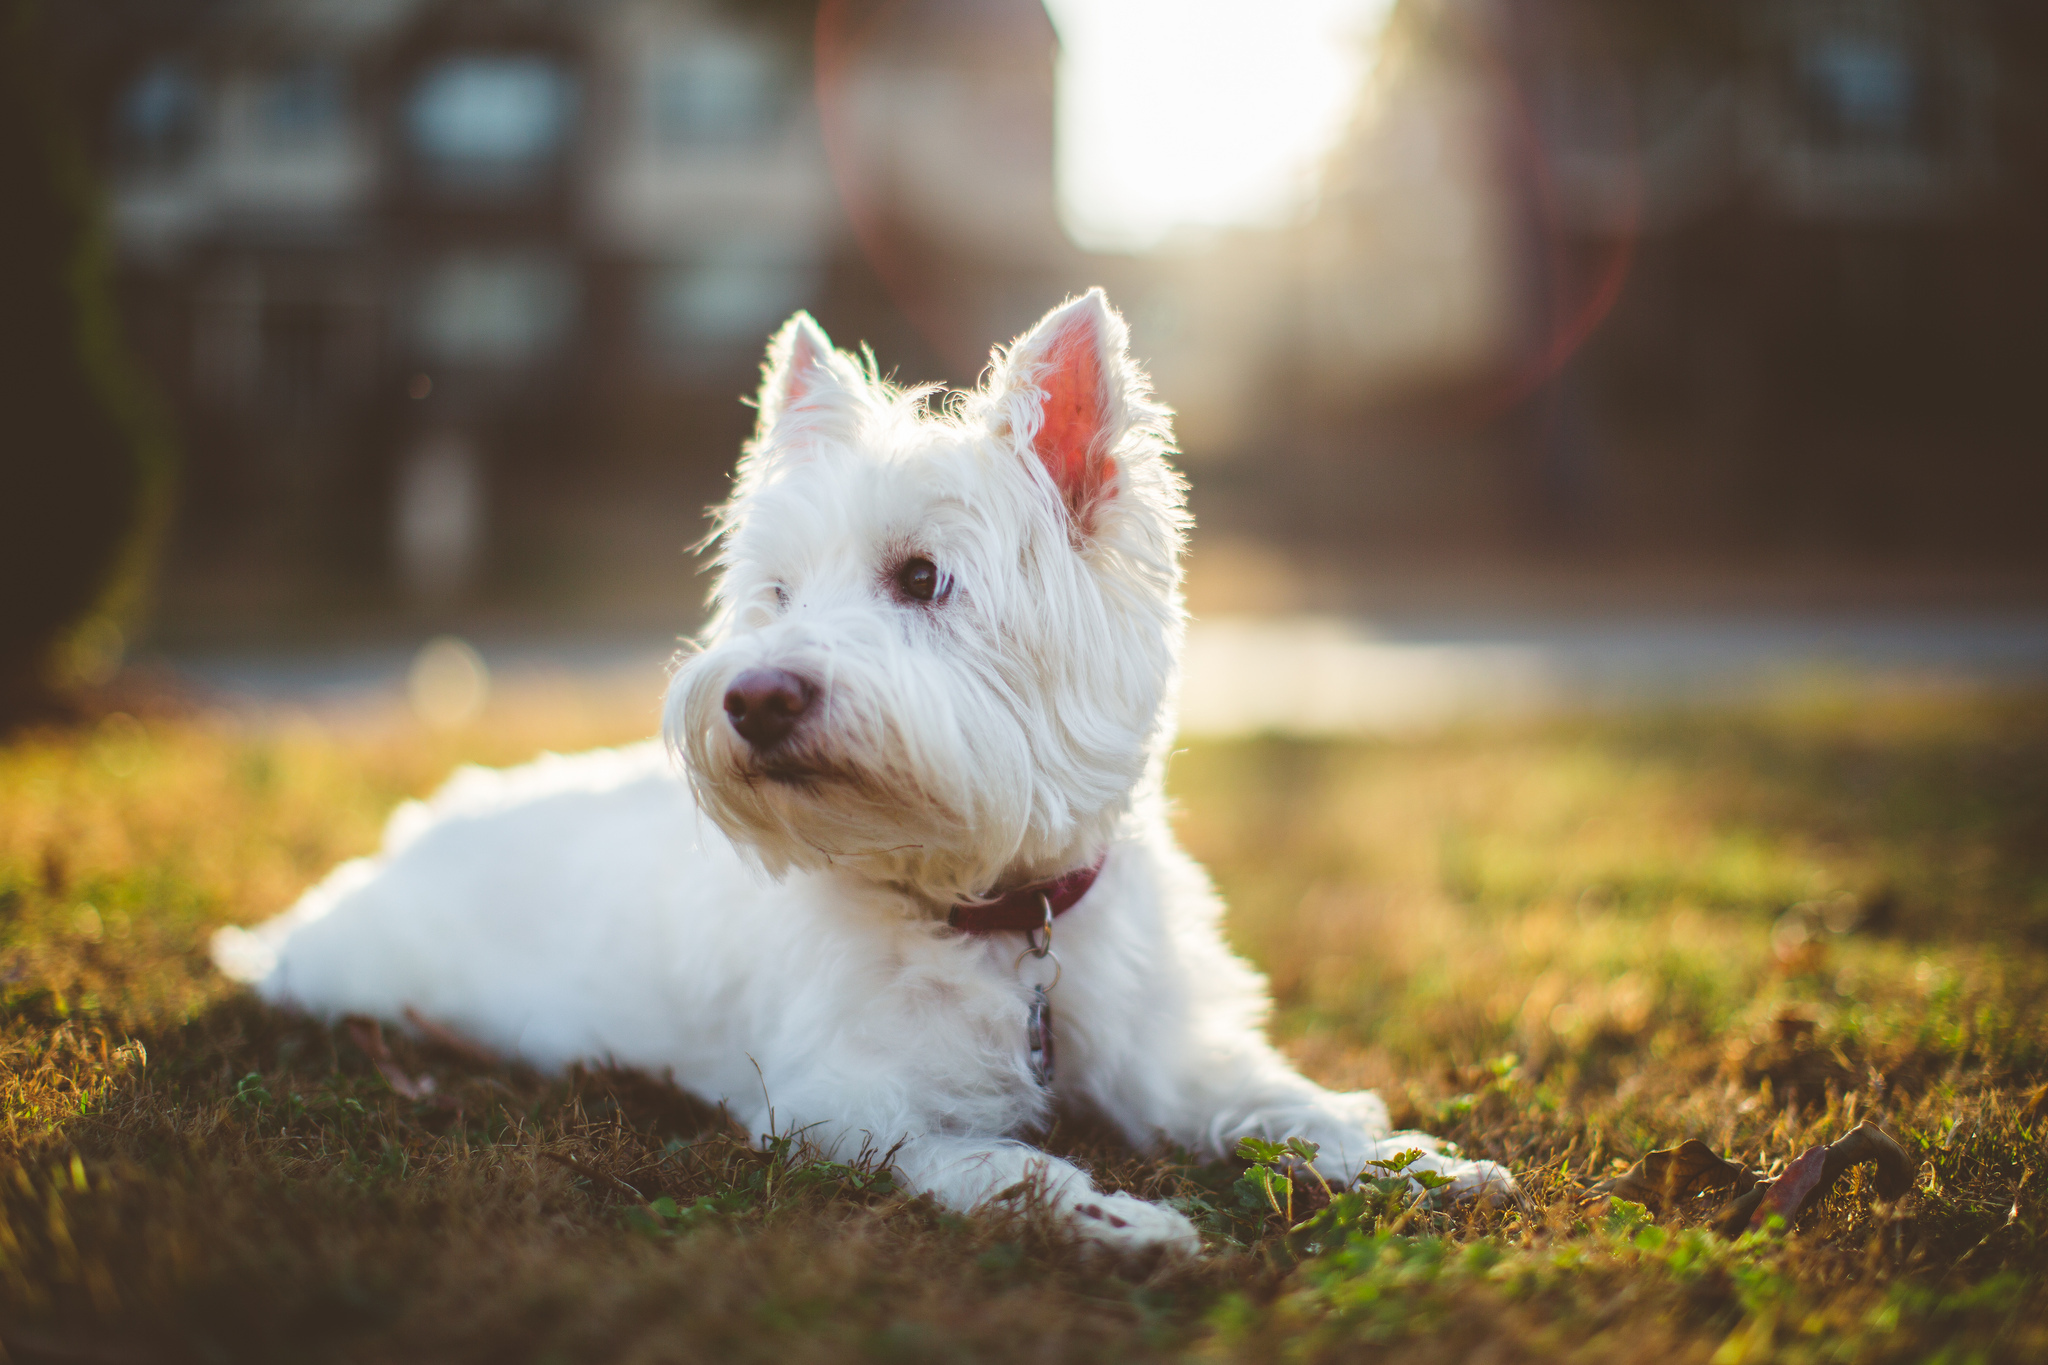 Μυστικά για απολαυστικές βόλτες με το σκύλο σας